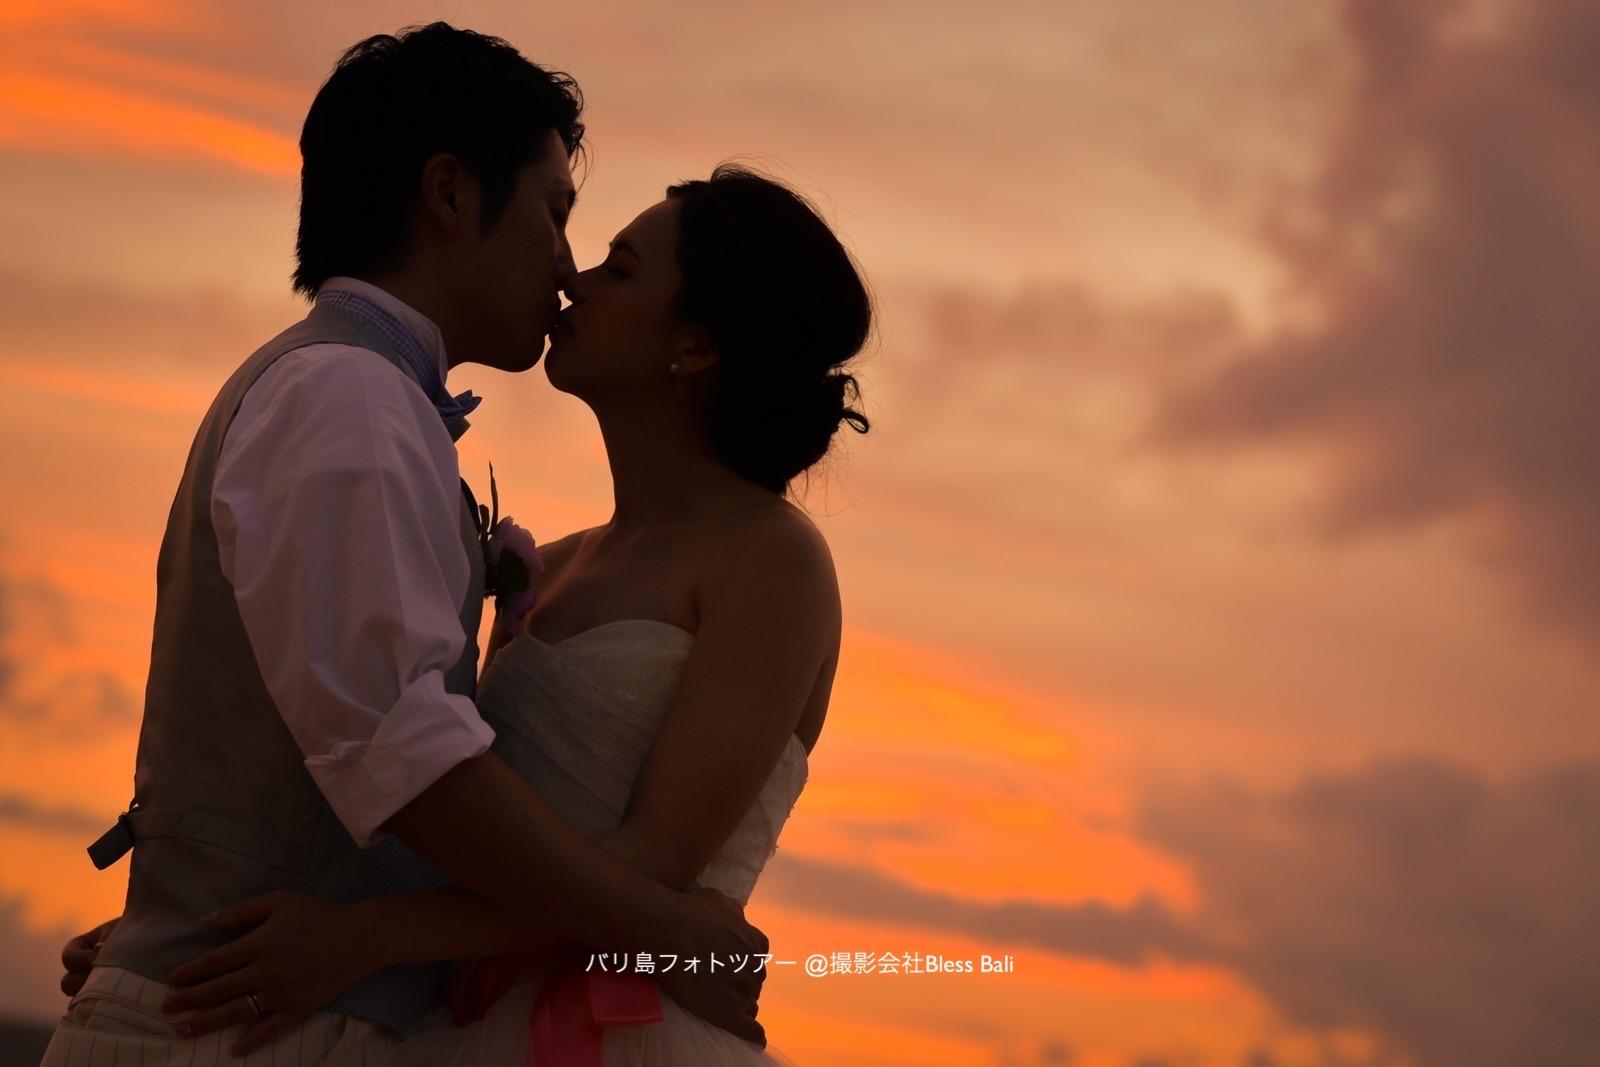 夕日を背景にしたロマンチックなキスシルエット